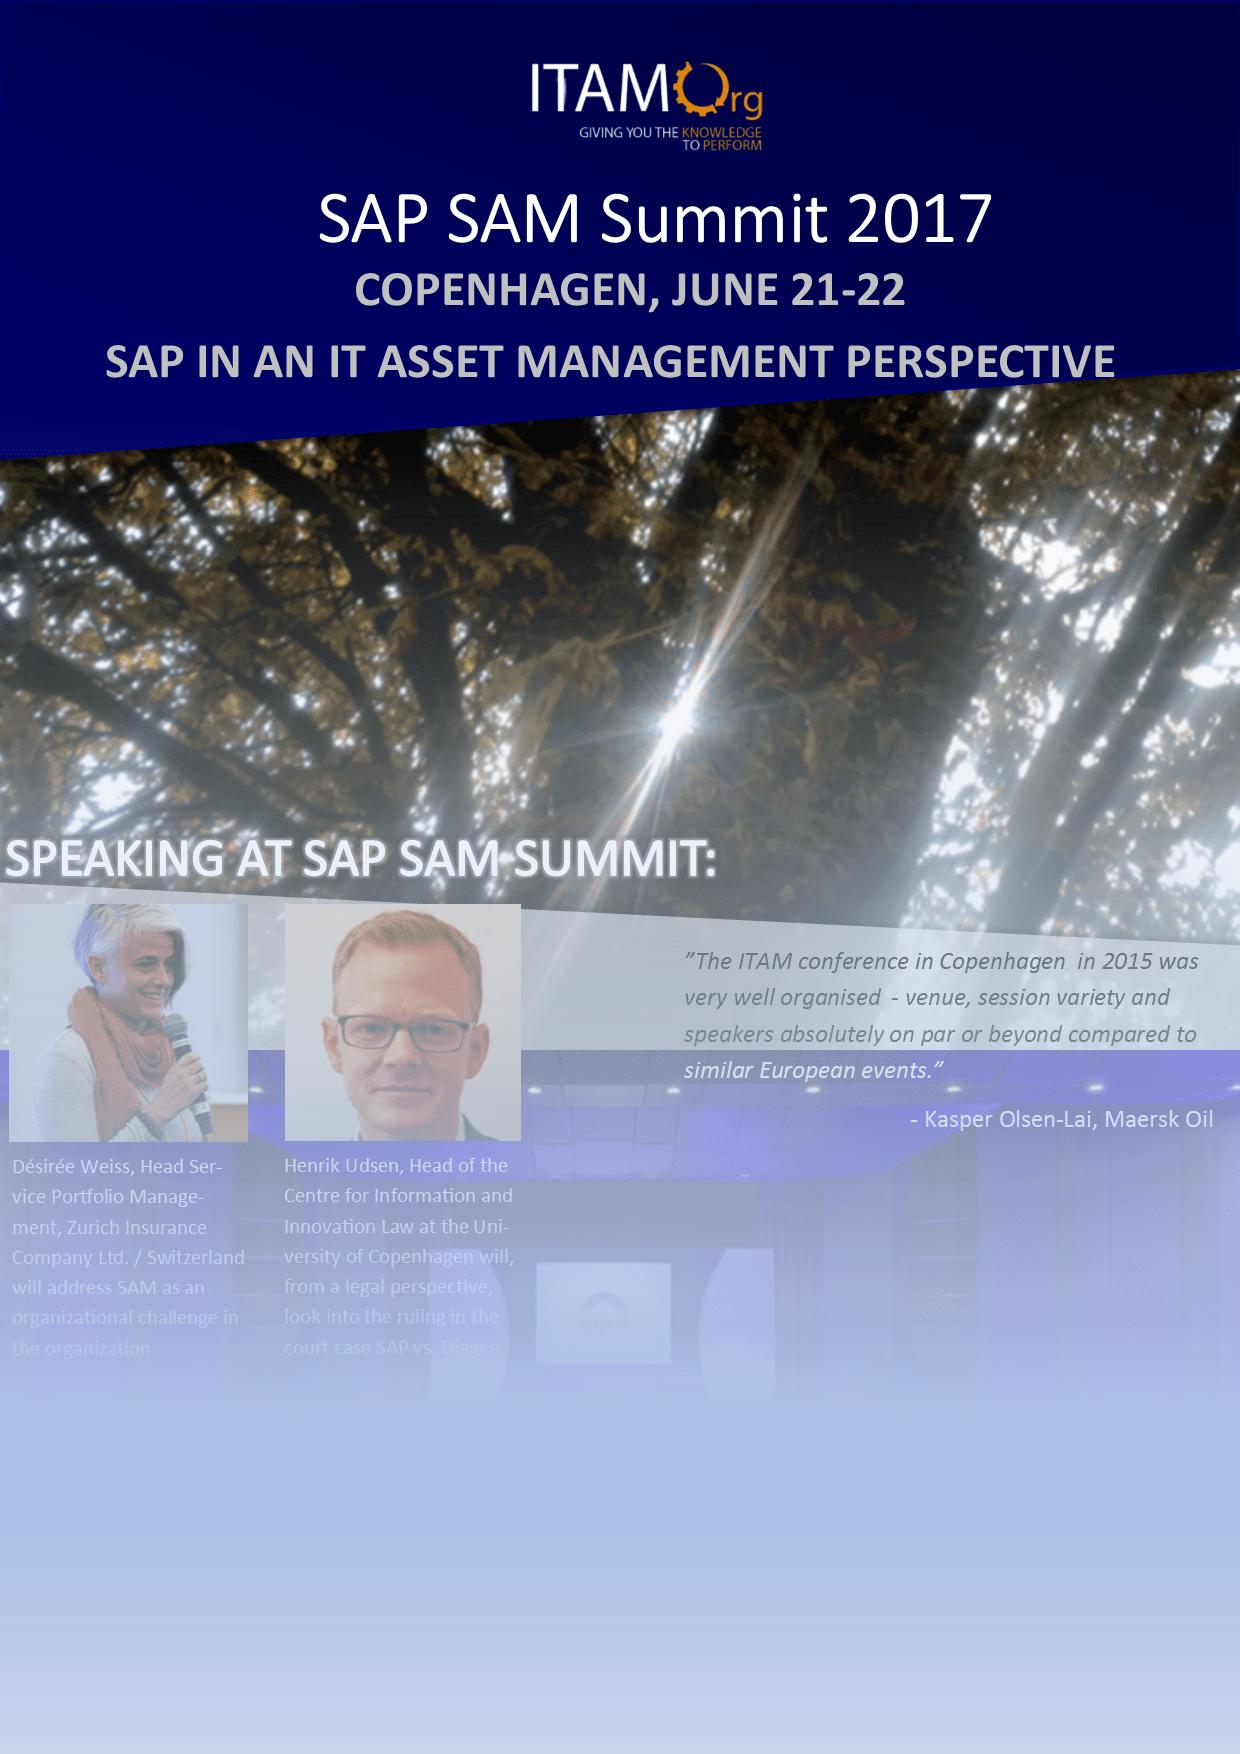 June 21-22 – Copenhagen – ITAM Conference/SAP SAM Summit 2017